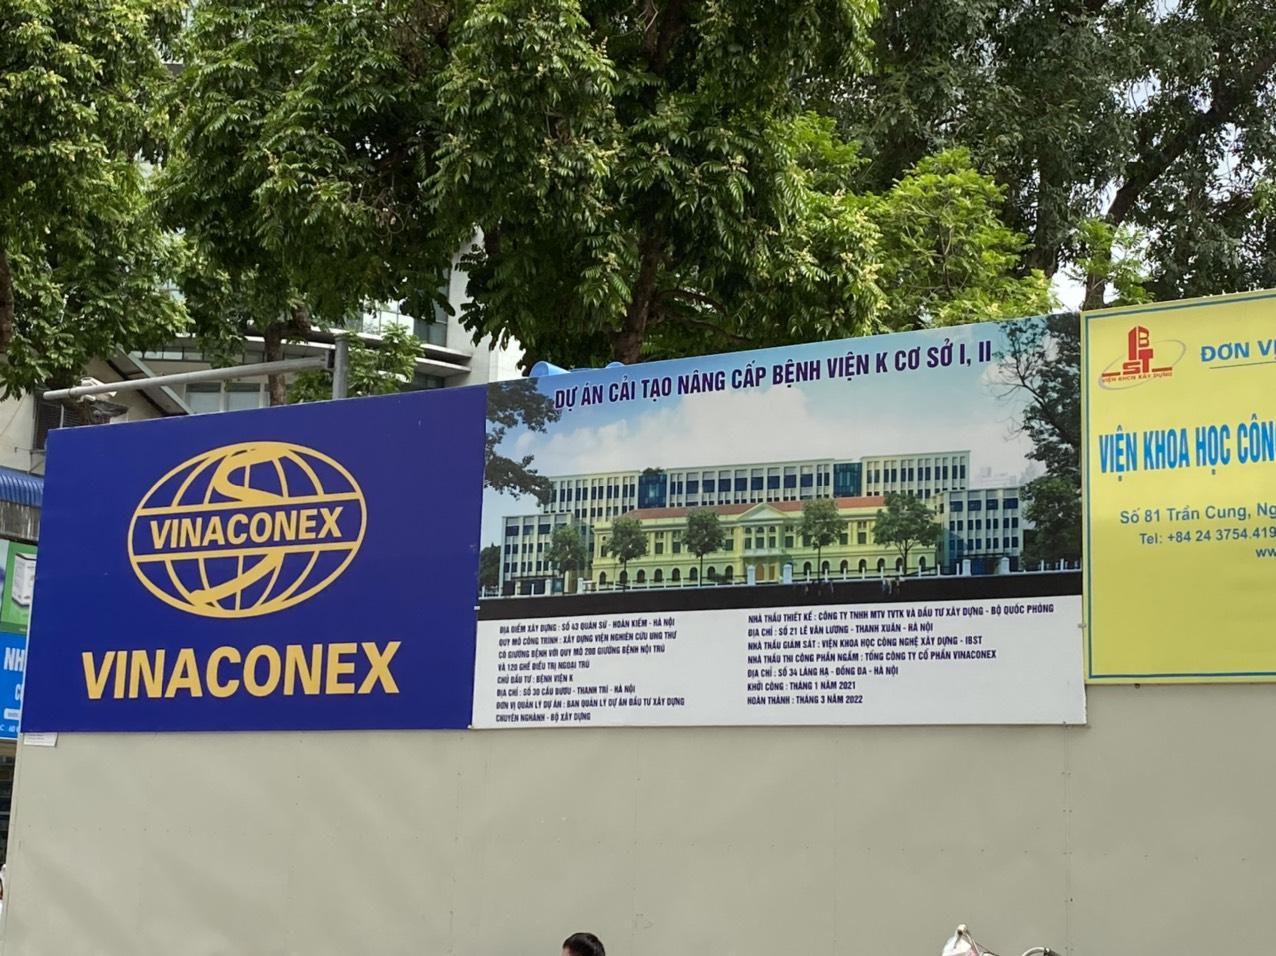 Vinaconex muốn chia hơn 36 triệu cổ phiếu quỹ cho cổ đông, huy động tới 4.000 tỷ đồng qua trái phiếu - Ảnh 2.